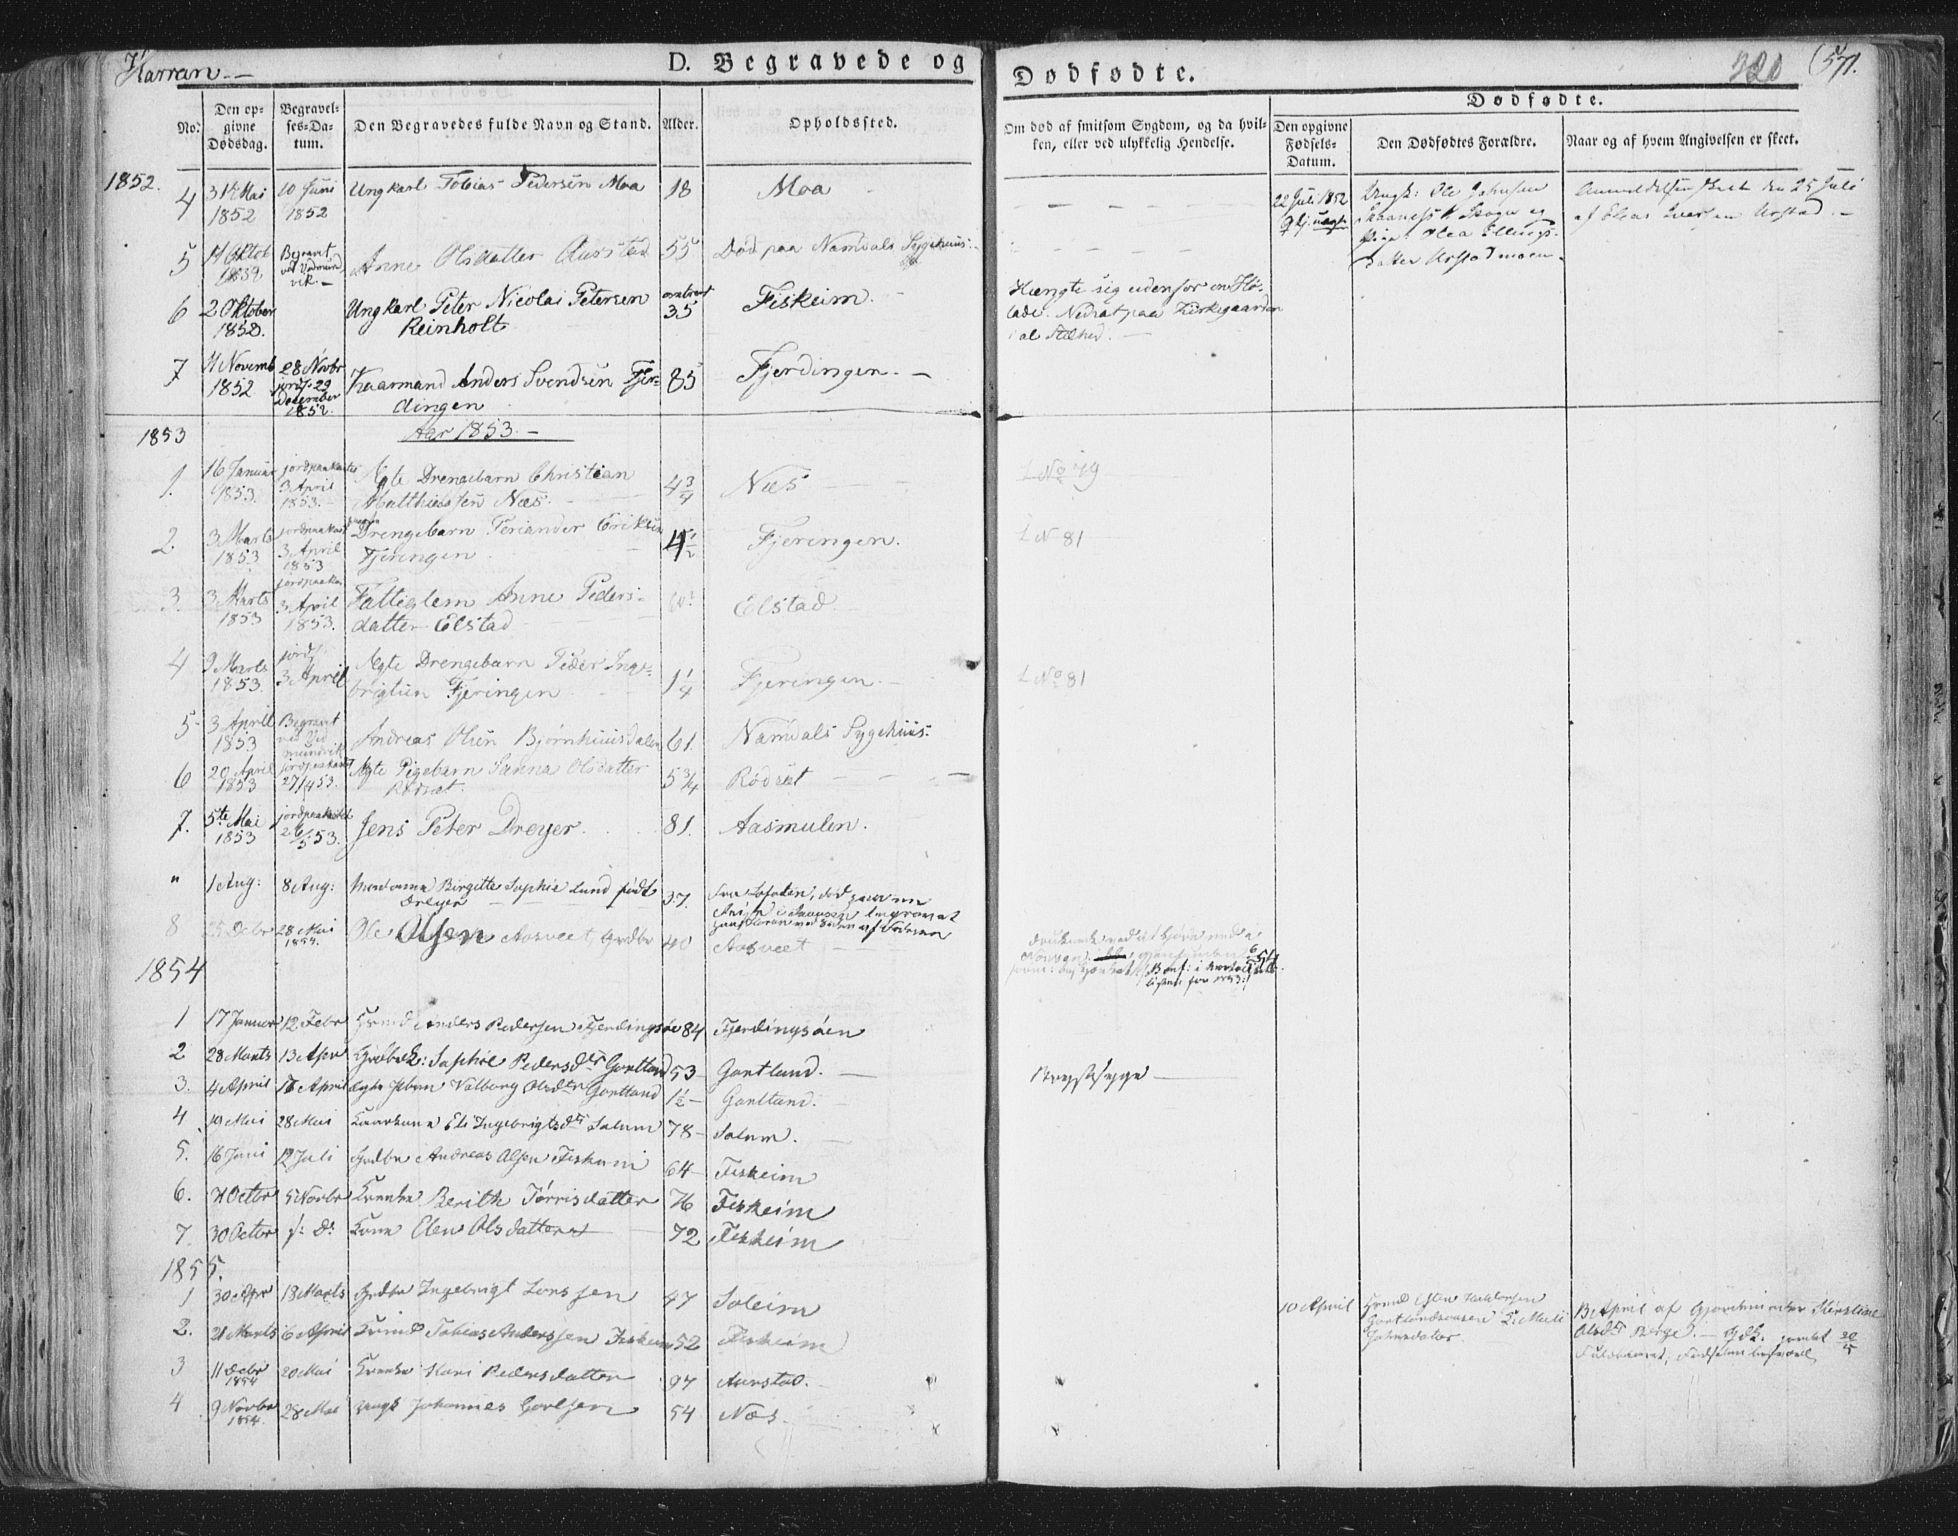 SAT, Ministerialprotokoller, klokkerbøker og fødselsregistre - Nord-Trøndelag, 758/L0513: Ministerialbok nr. 758A02 /3, 1839-1868, s. 220